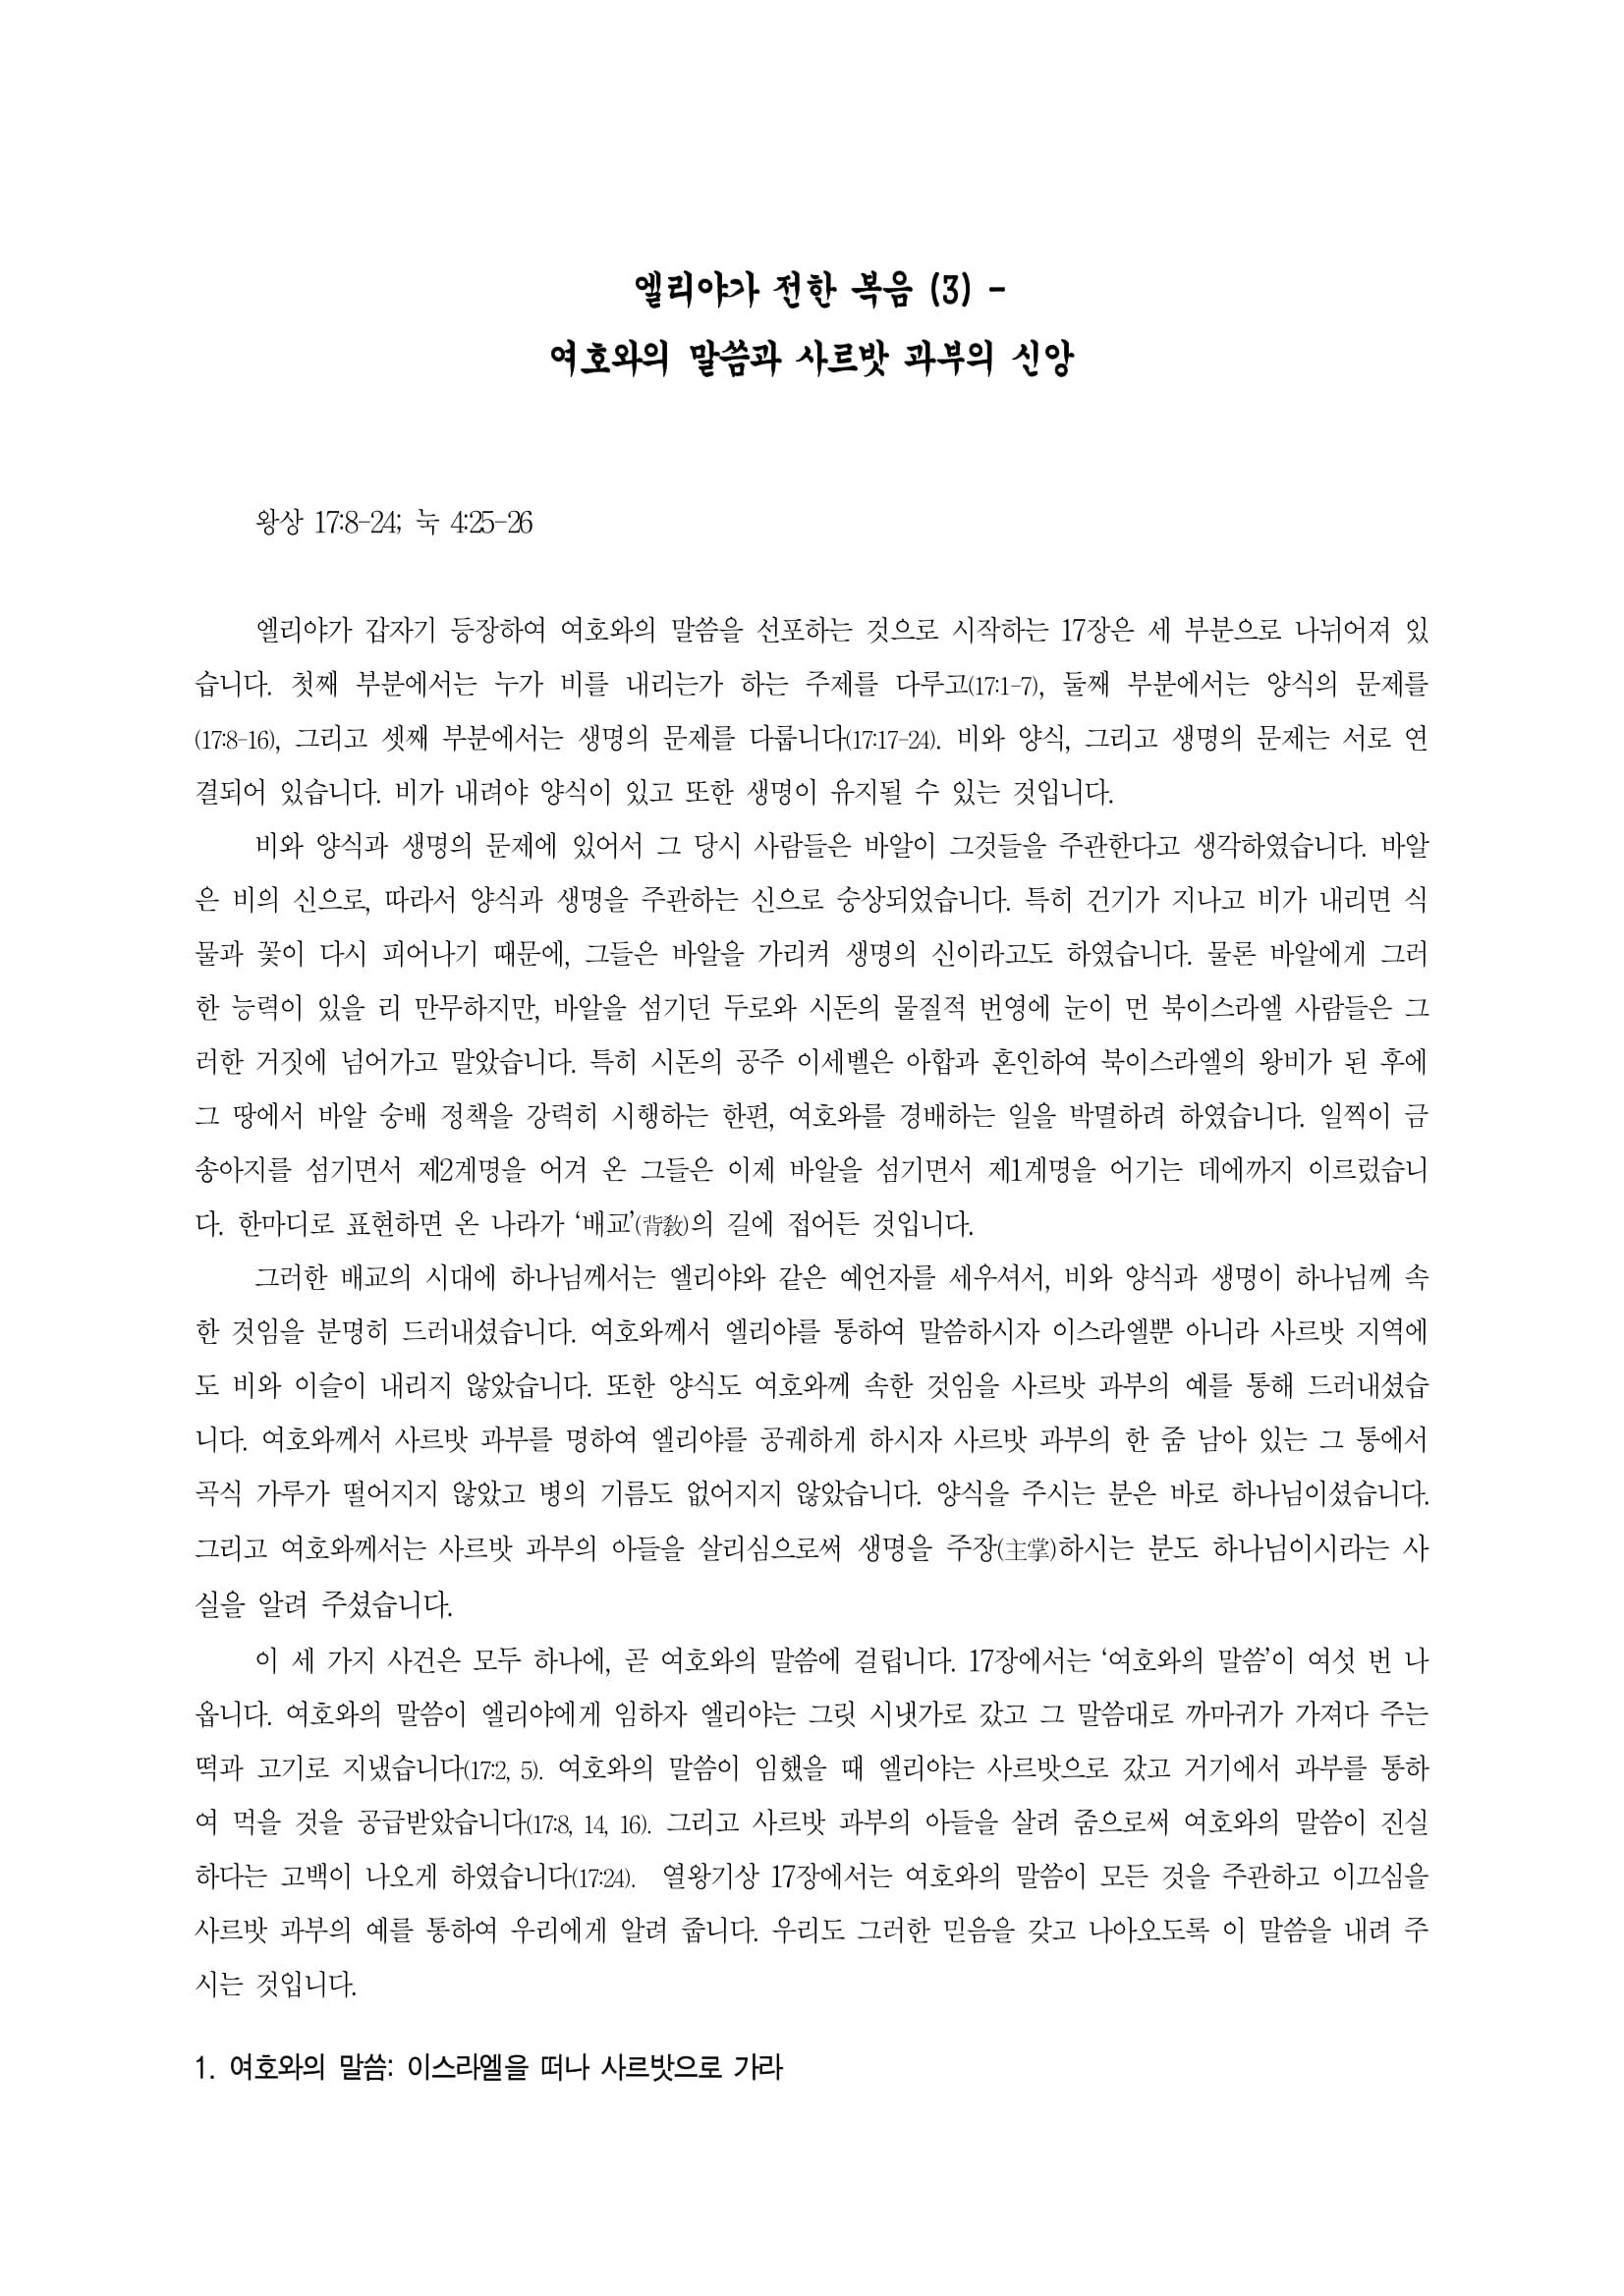 엘리야(3)-여호와의 말씀과 사르밧과부의 신앙_왕상17장-01.jpg